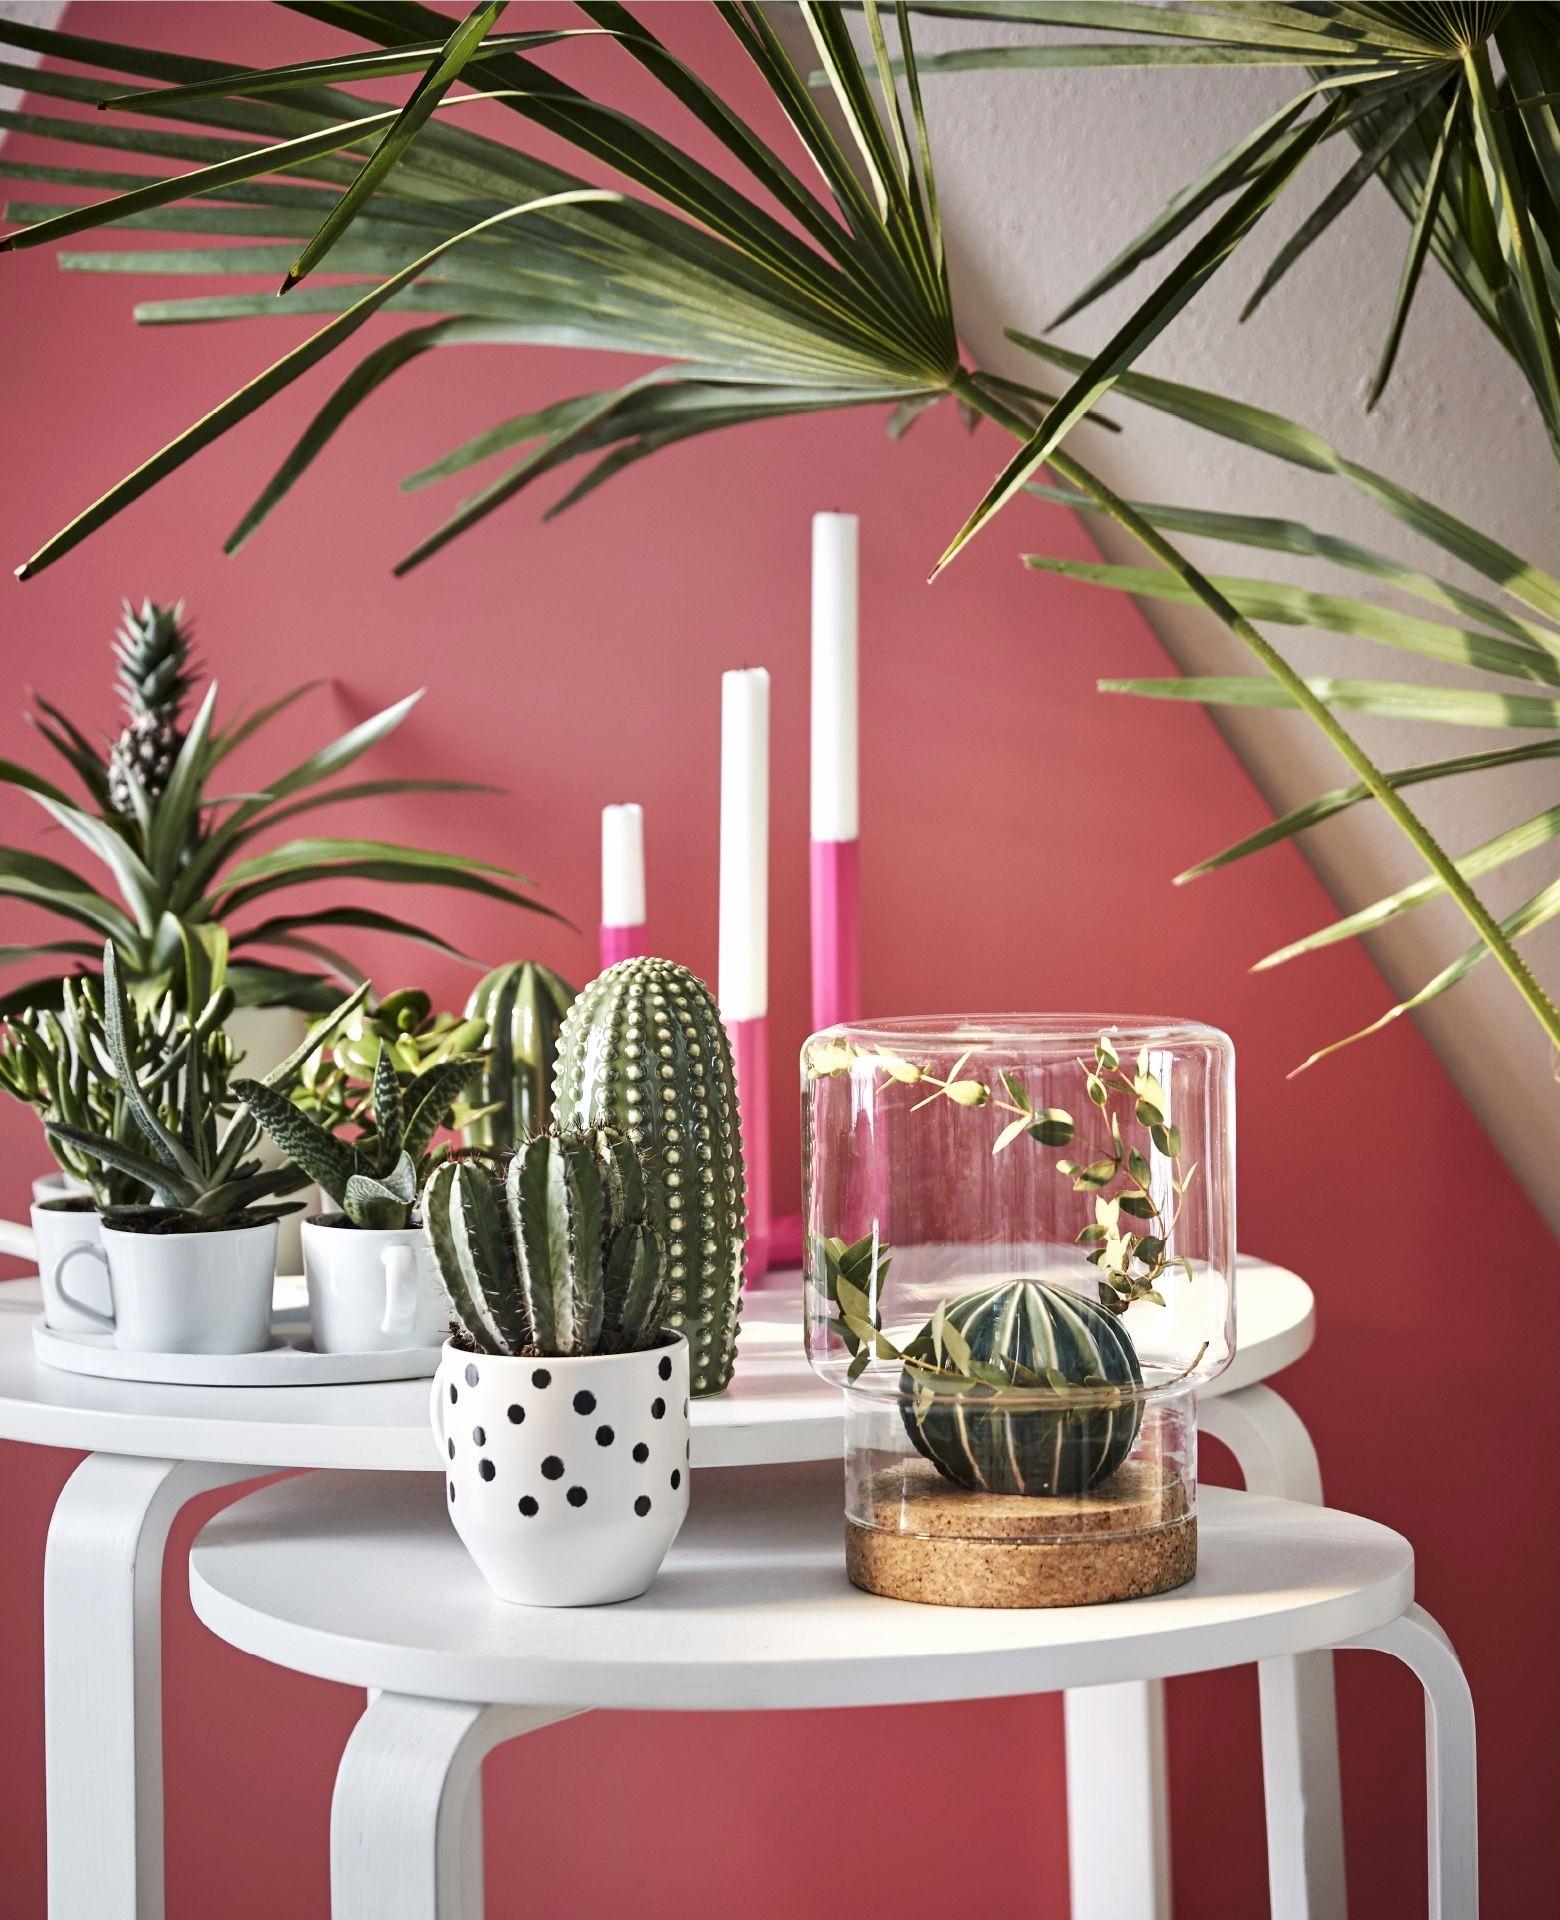 peinture rose et cactus